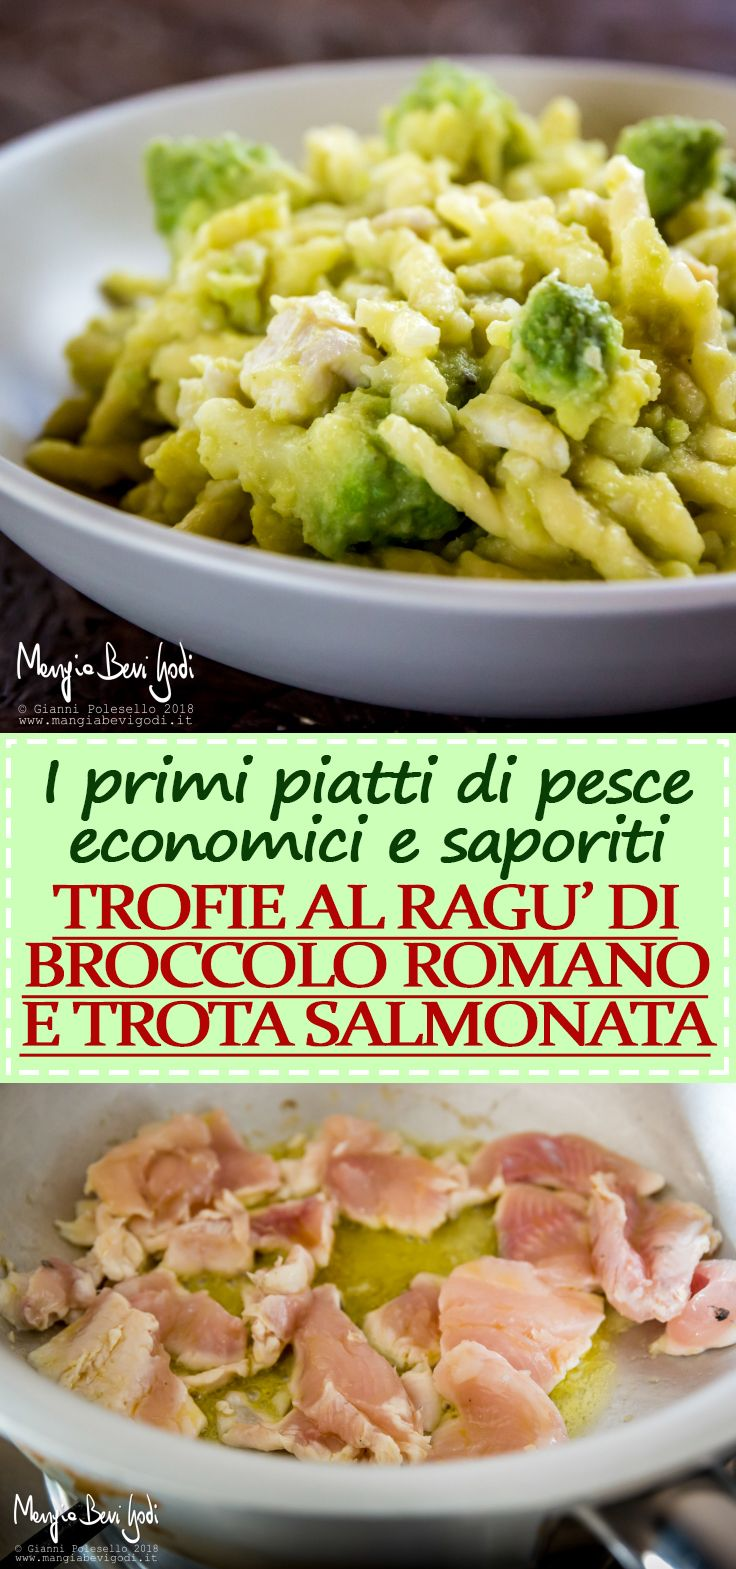 La ricetta delle trofie al ragù di broccolo romanesco e trota salmonata.